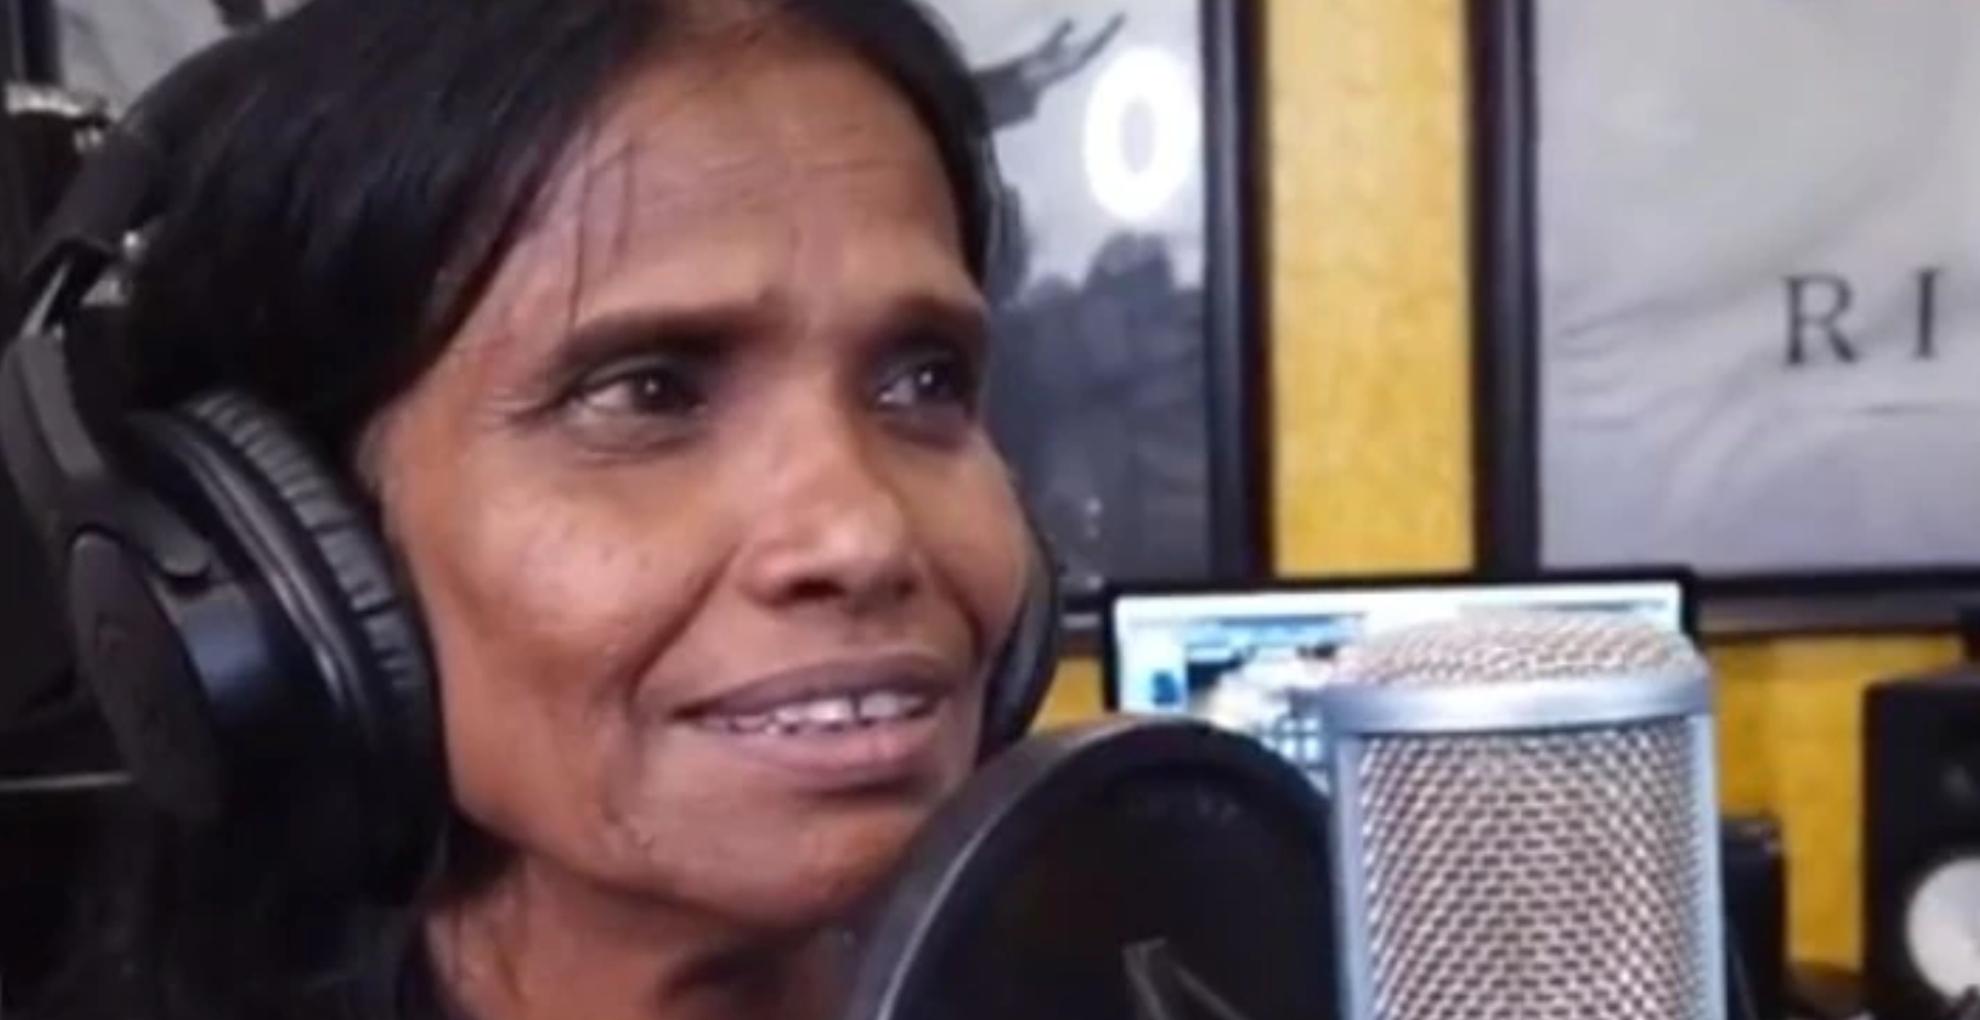 रानू मंडल सोशल मीडिया पर हुईं ट्रोल, 'मुझे टच मत करो, मैं अब सेलिब्रिटी हो गई हूं', देखिए यूजर्स के रिएक्शन